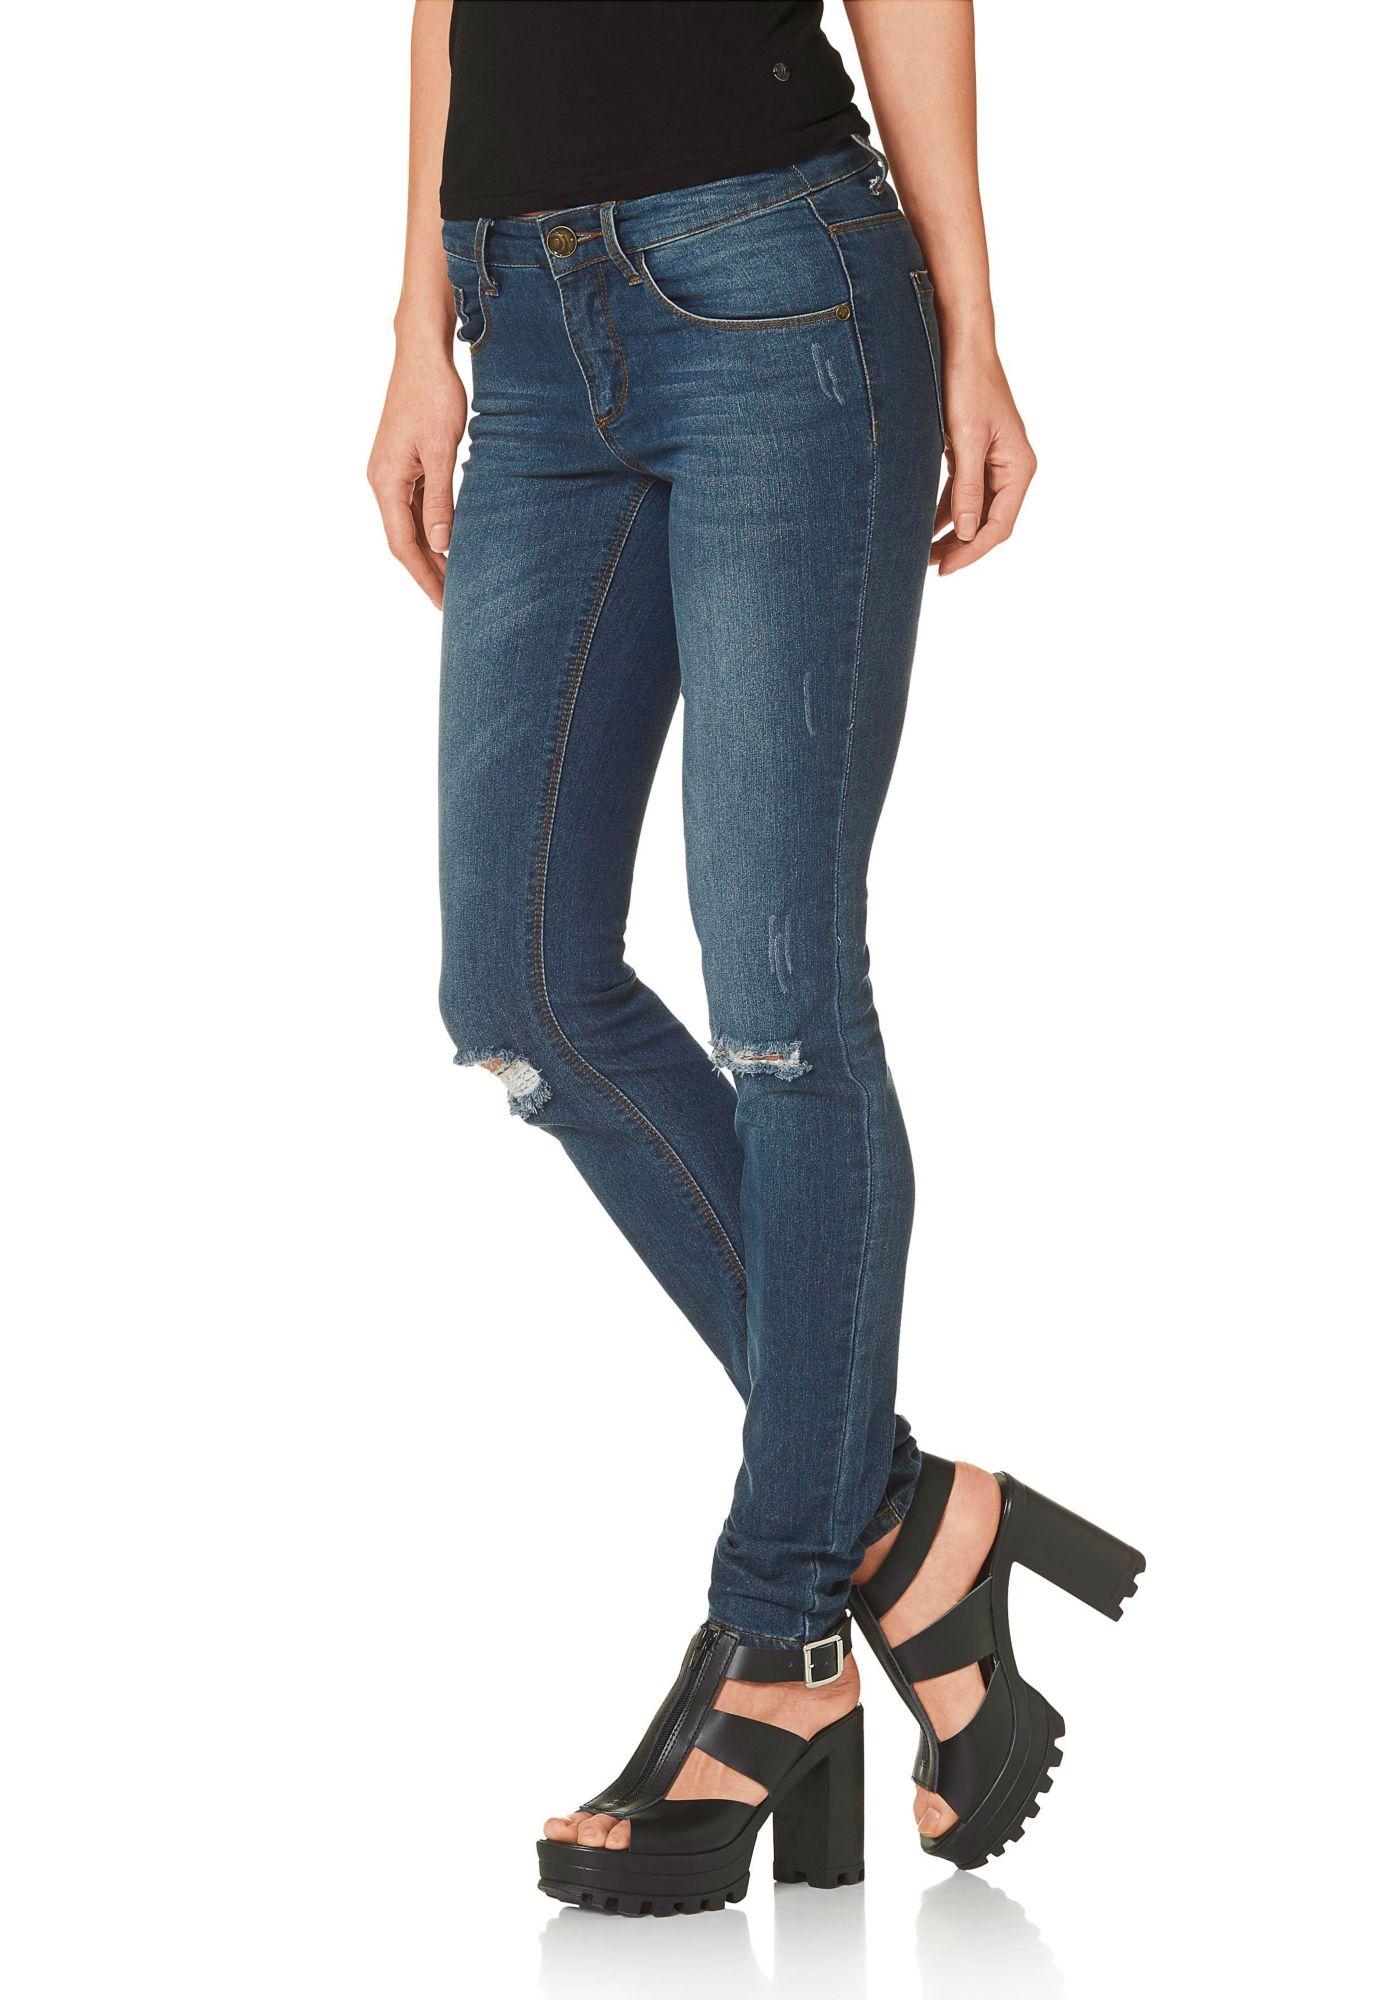 destroyed jeans im schwab online shop damen jeans. Black Bedroom Furniture Sets. Home Design Ideas